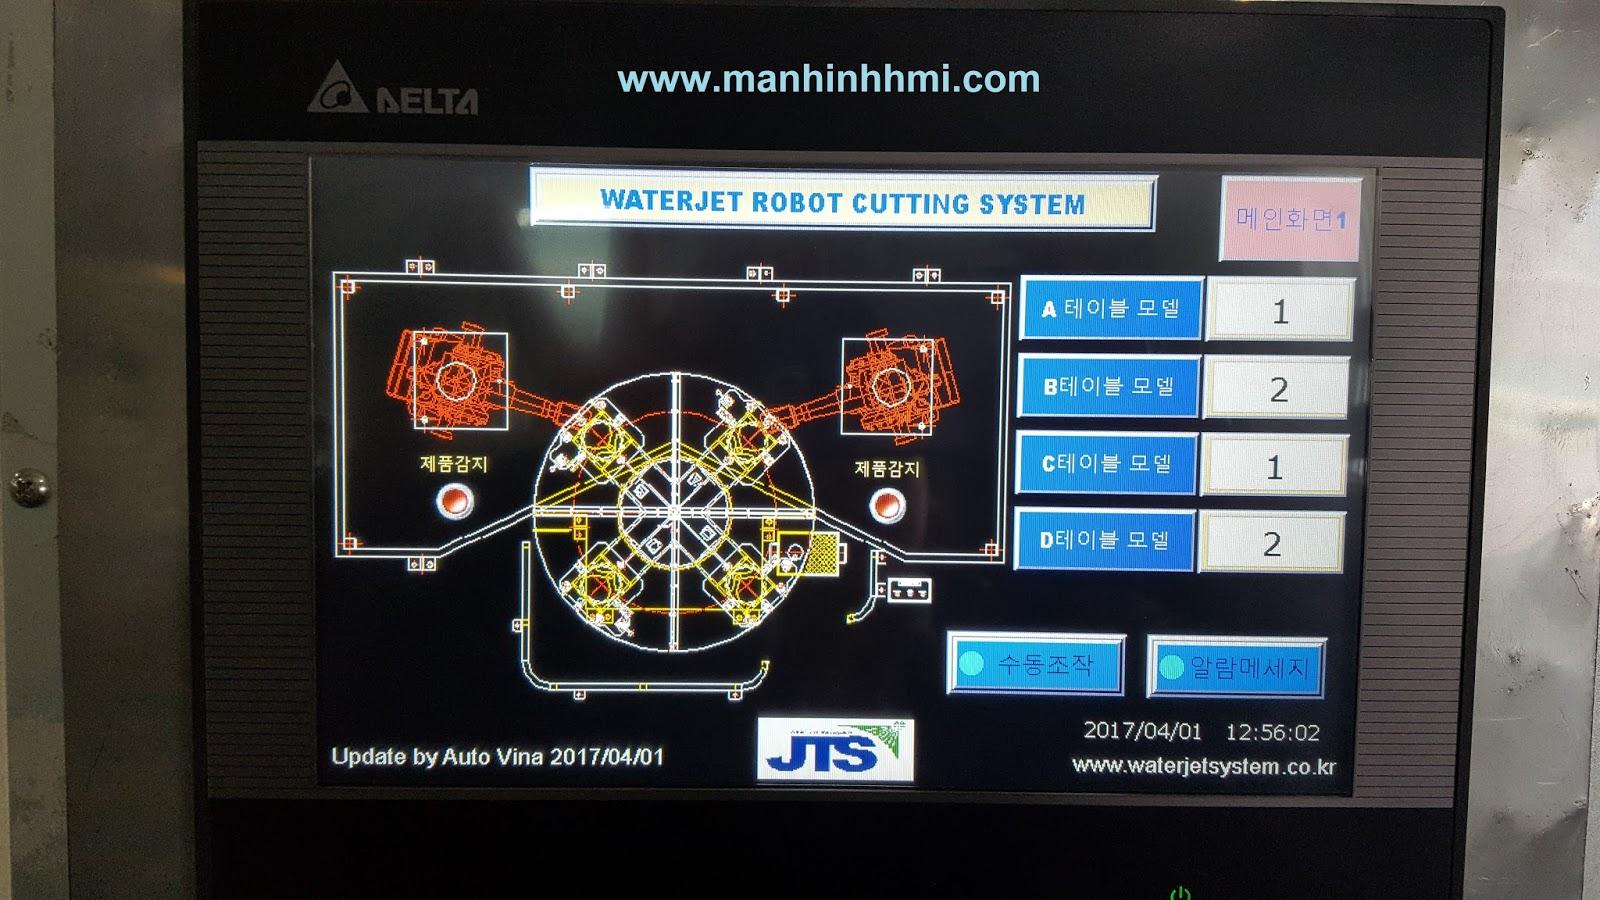 Màn hình cảm ứng Delta DOP-B10S411 được lập trình mới trong hệ tủ điện phụ trợ cho Robot ABB